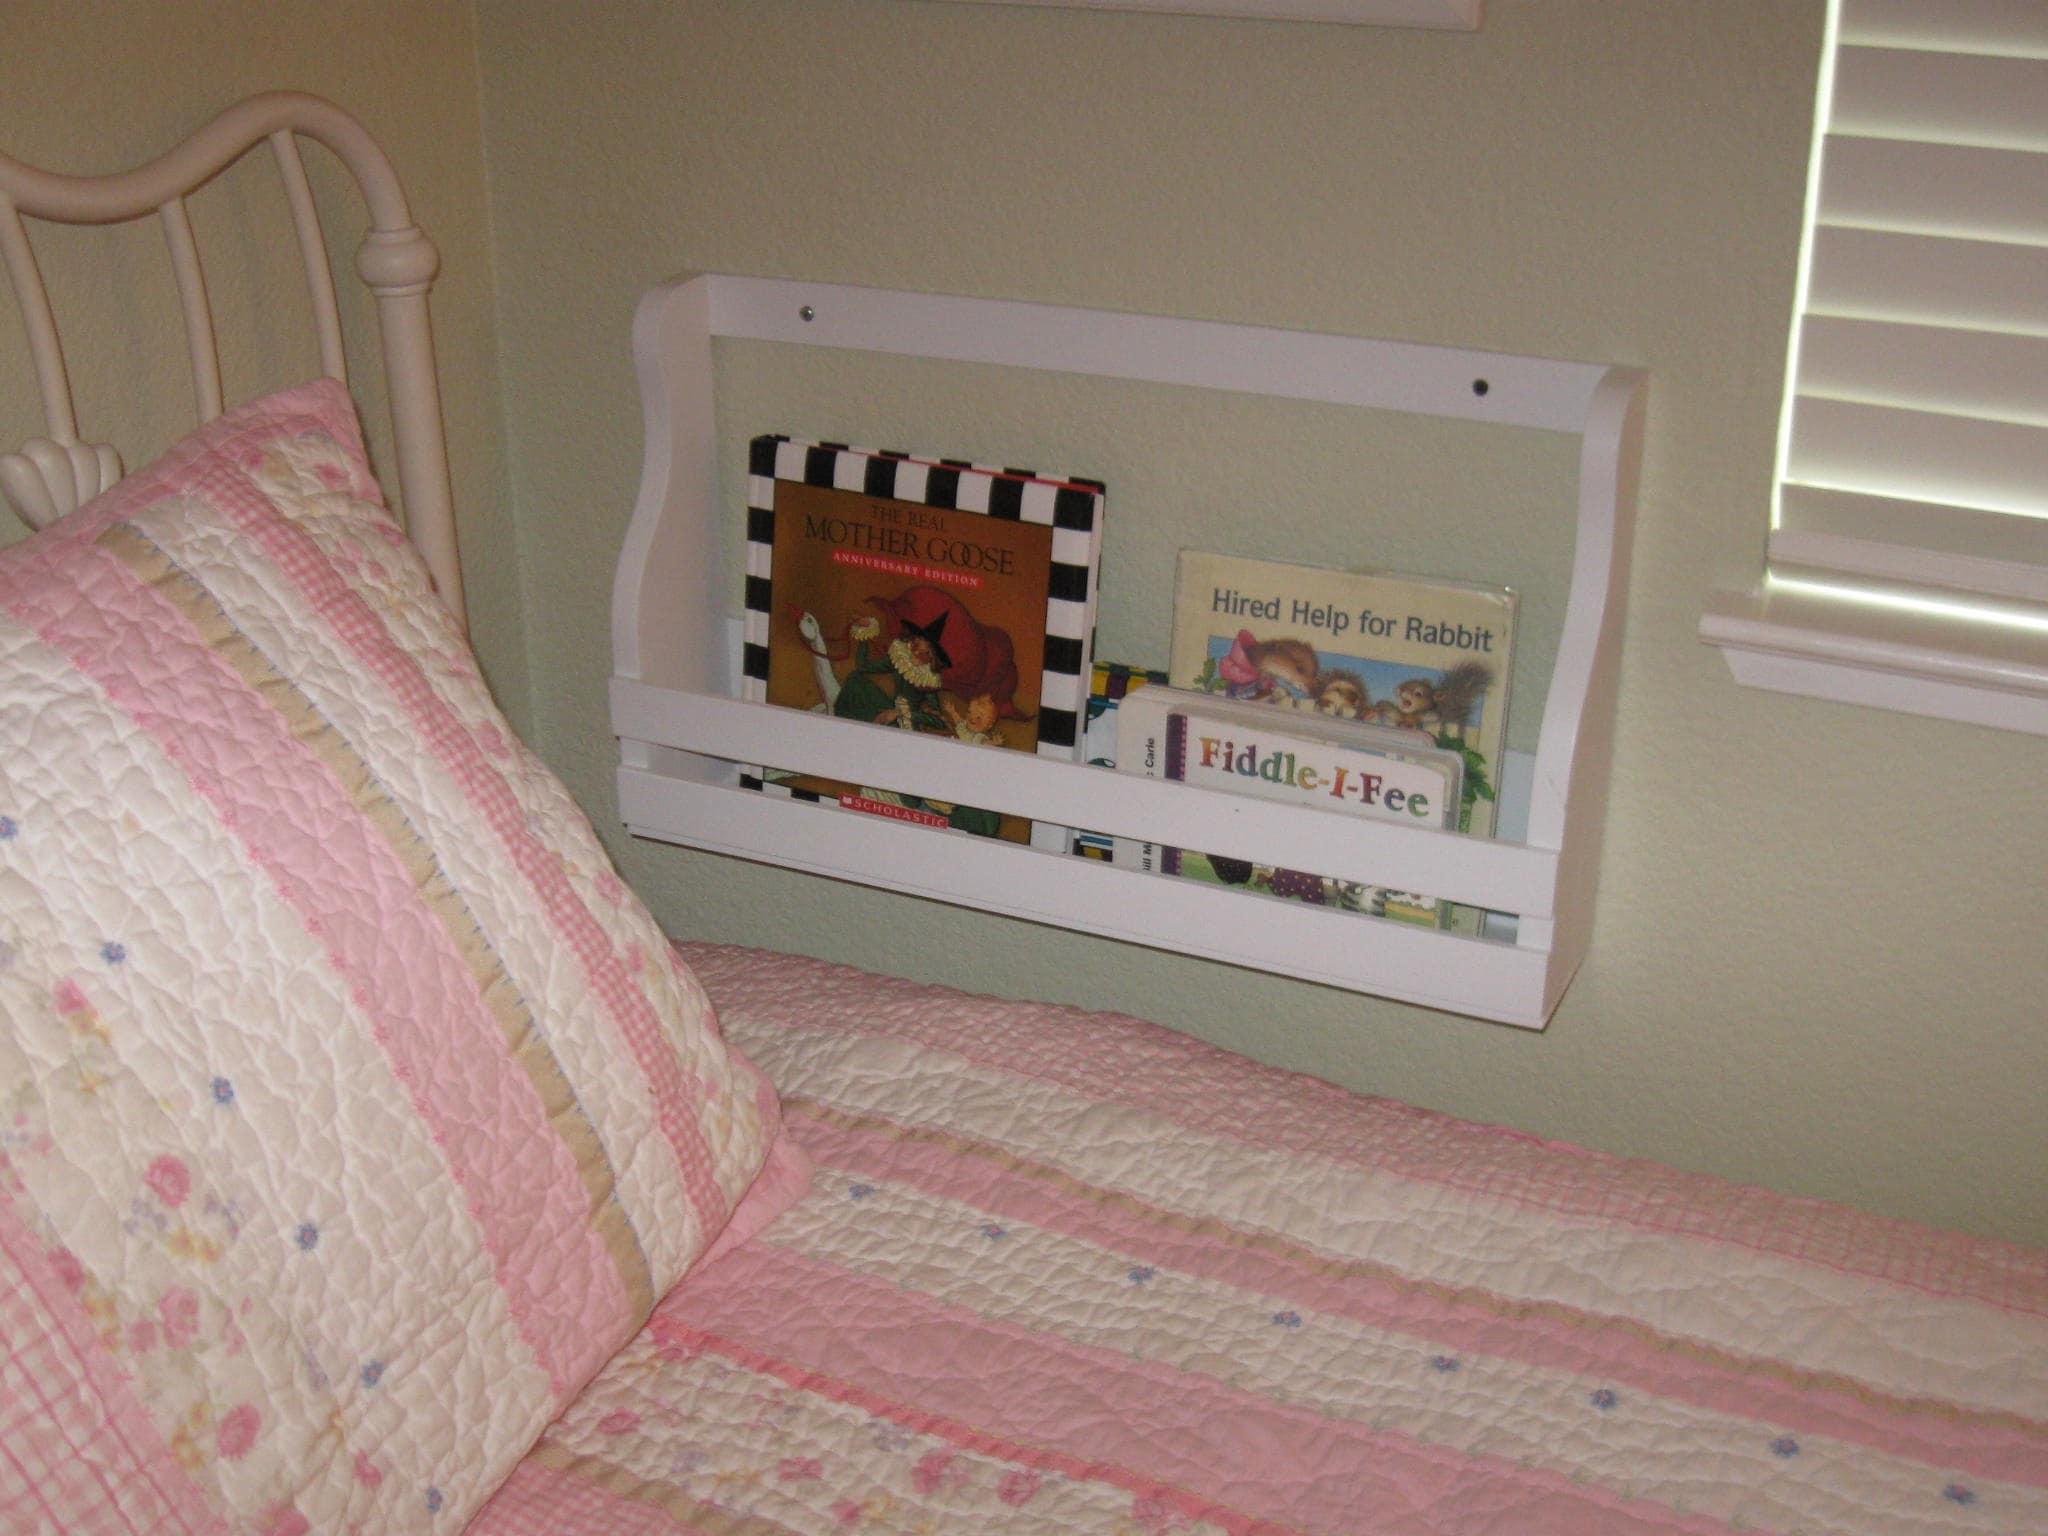 Book Rack Holder Shelf Wall Mount 20 Inch Long Pg Pine For